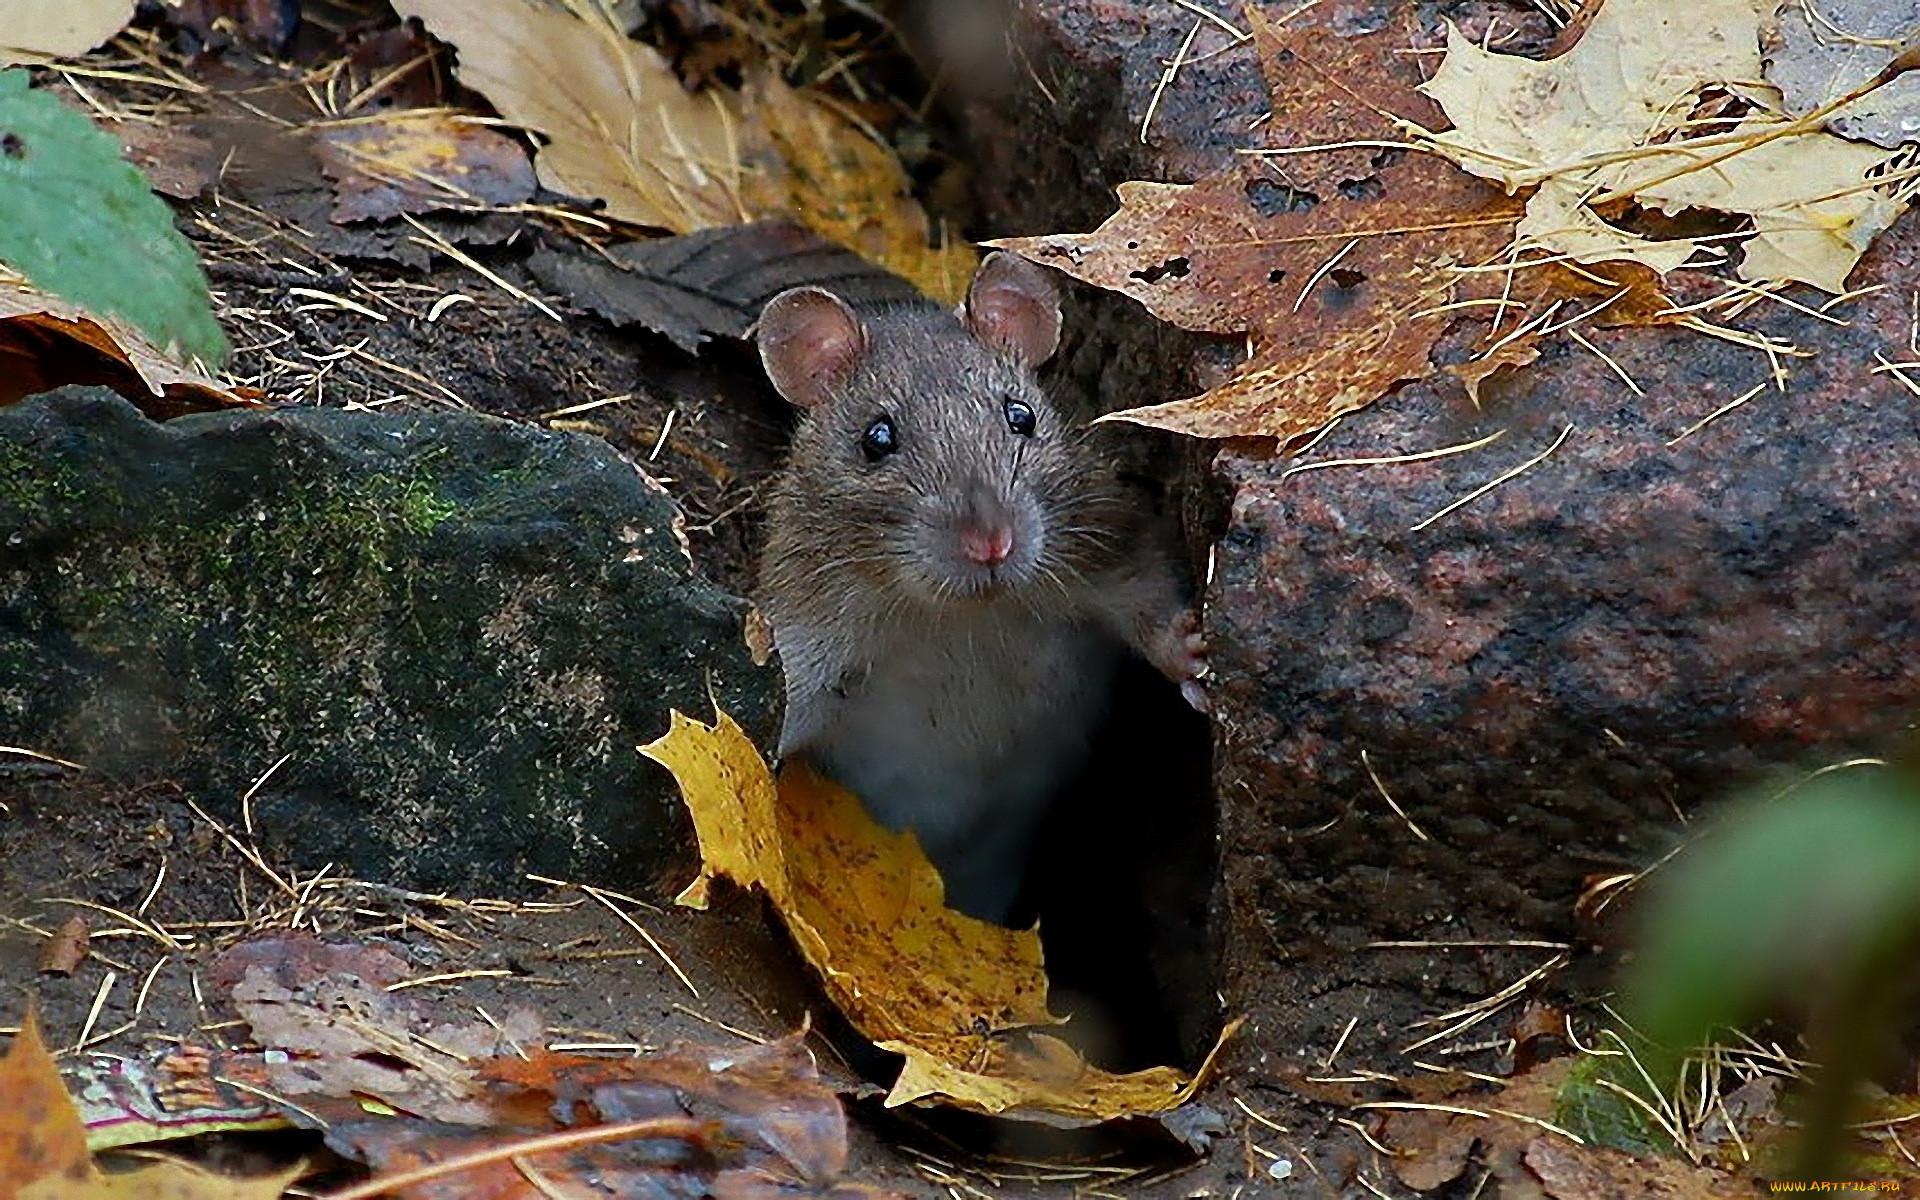 Среда обитания летучей мыши: где живет, приспособленность русский фермер